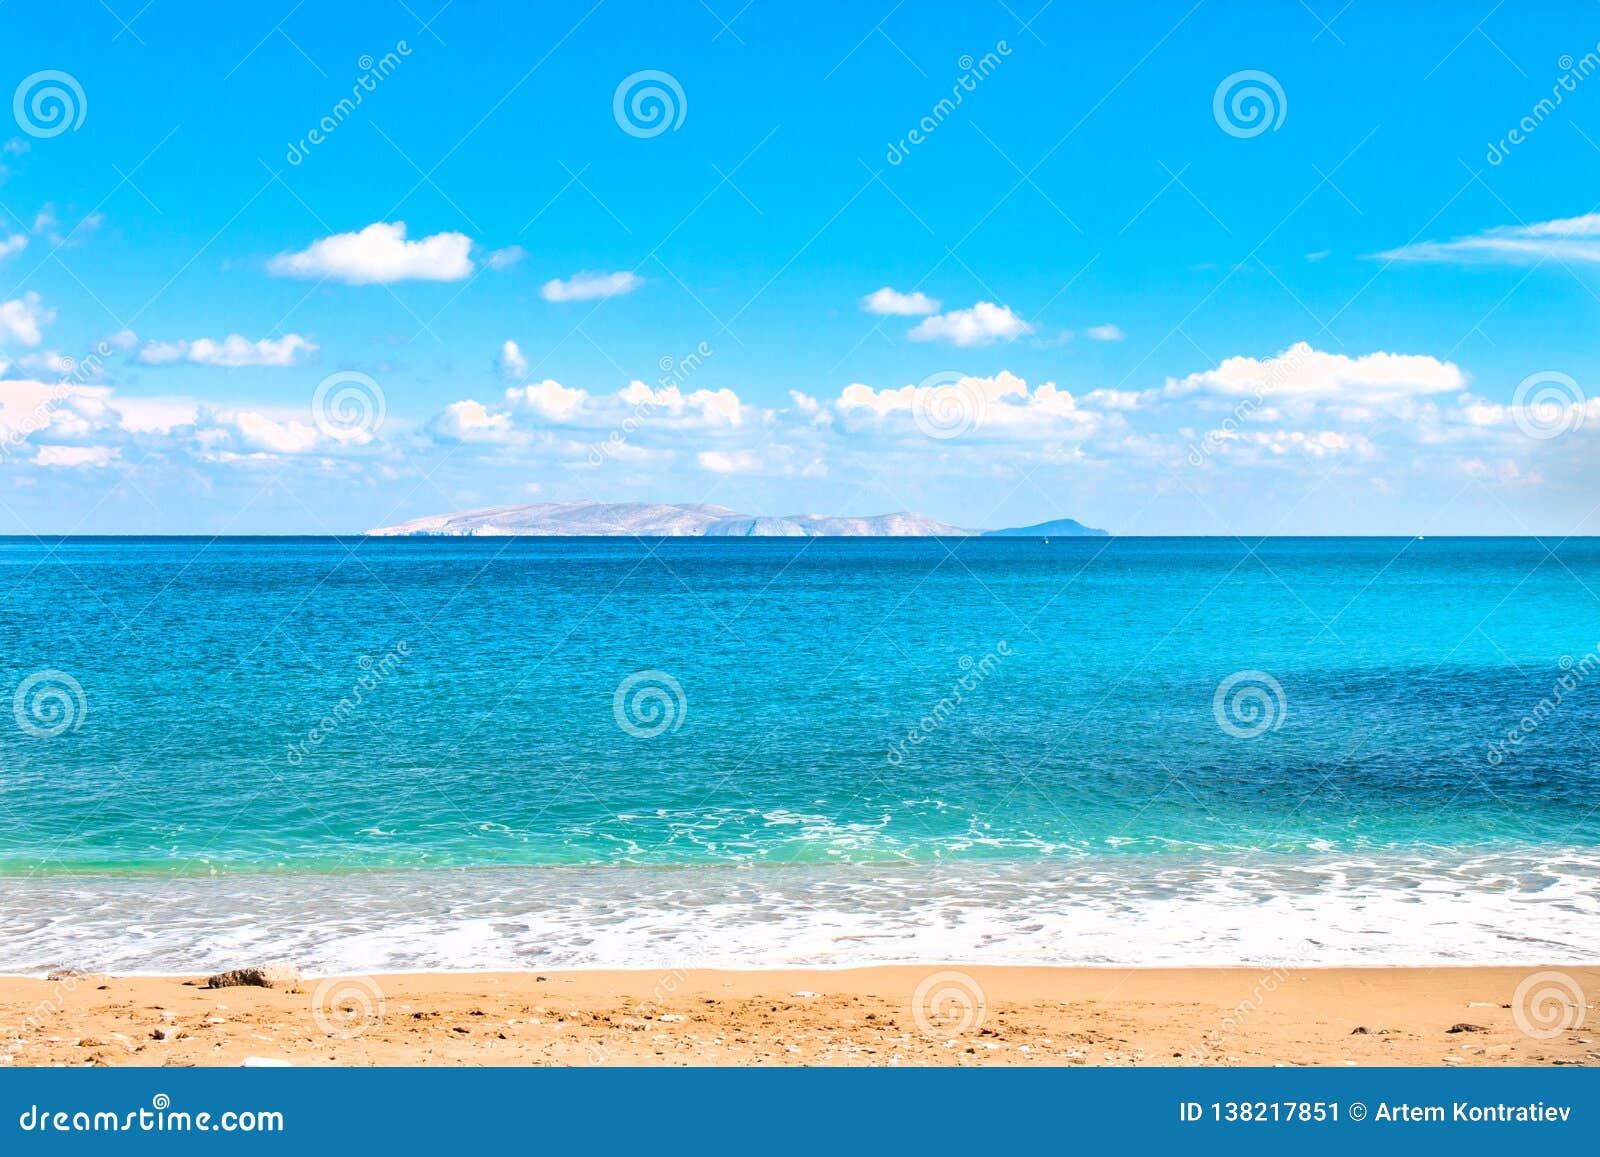 Schöner sandiger Strand und weiche blaue Seewelle auf dem Hintergrund der Durchmesser-Insel und des blauen Himmels Kopieren Sie P